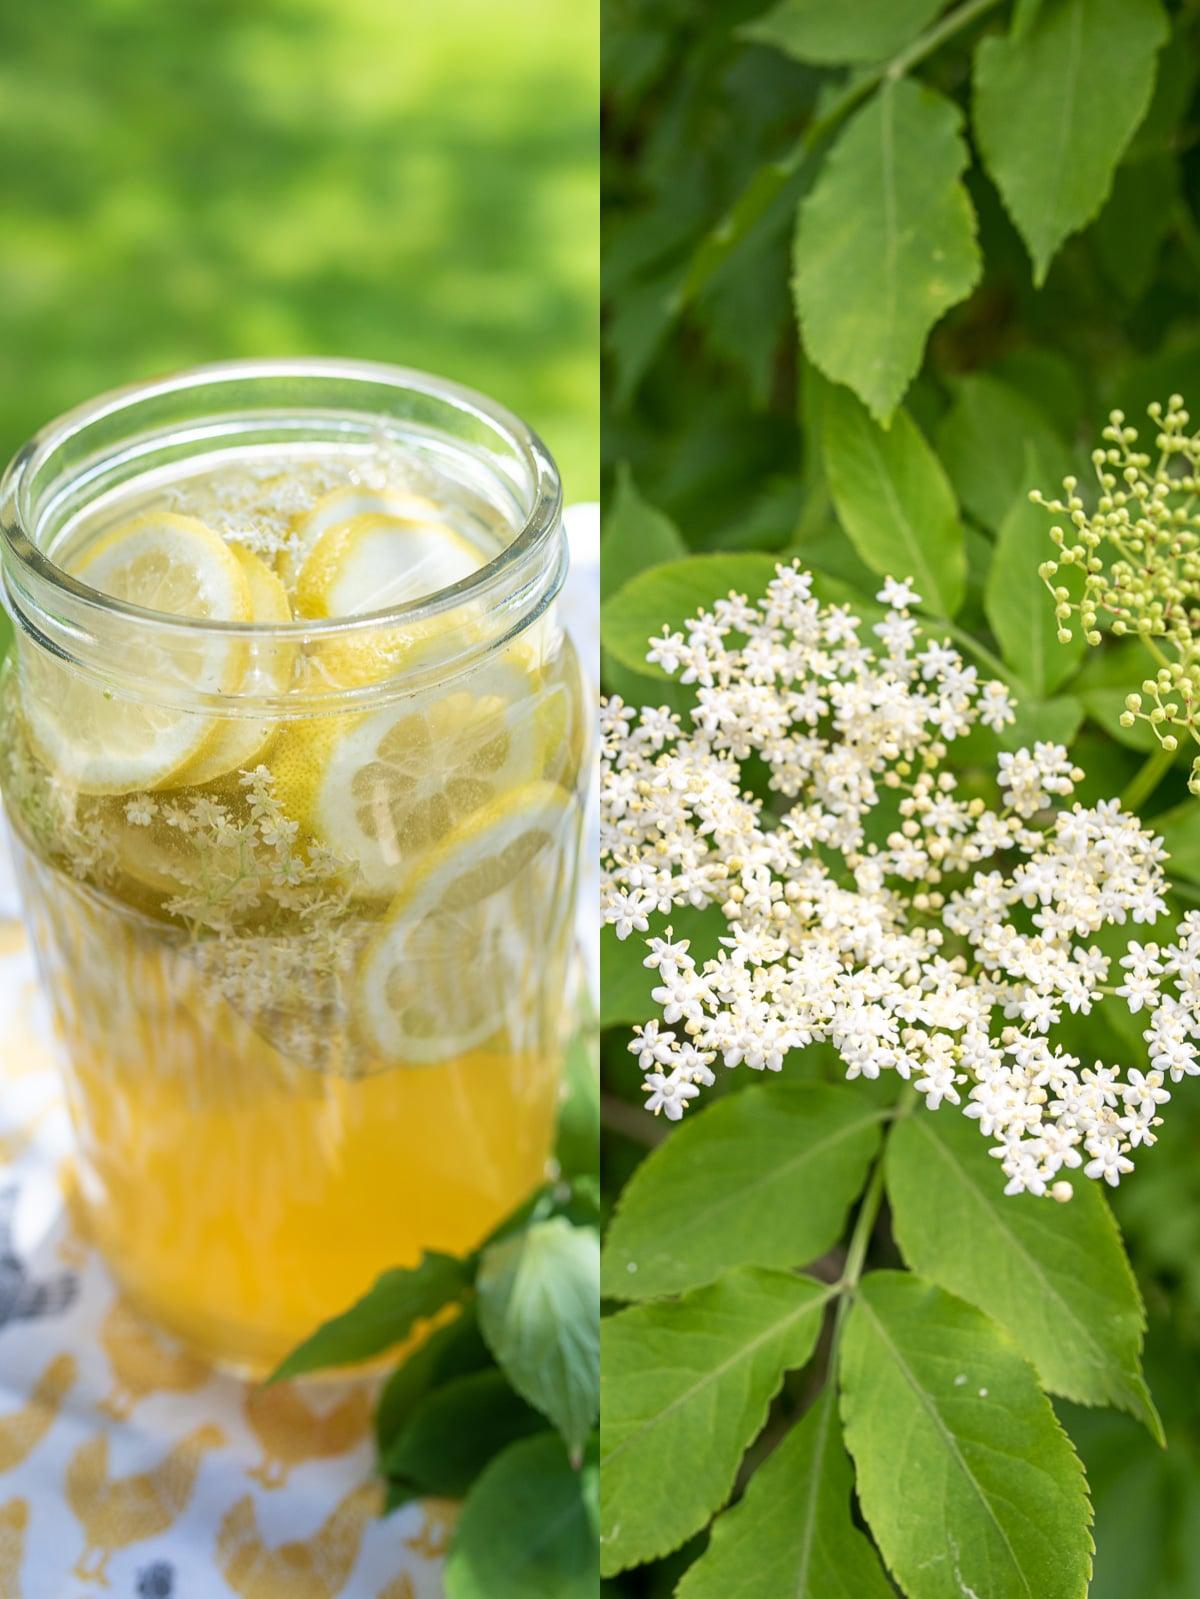 napoj z kwiatu czarnego bzu